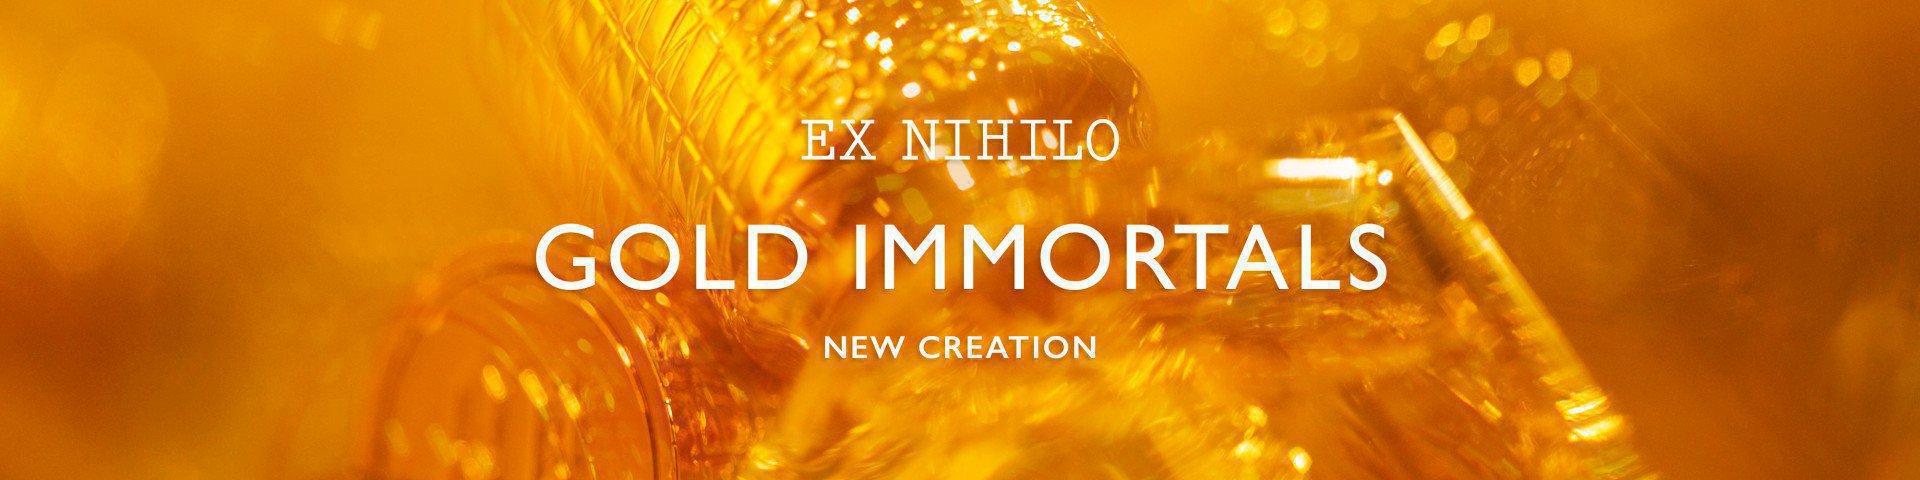 Новинка EX NIHILO GOLD IMMORTALS